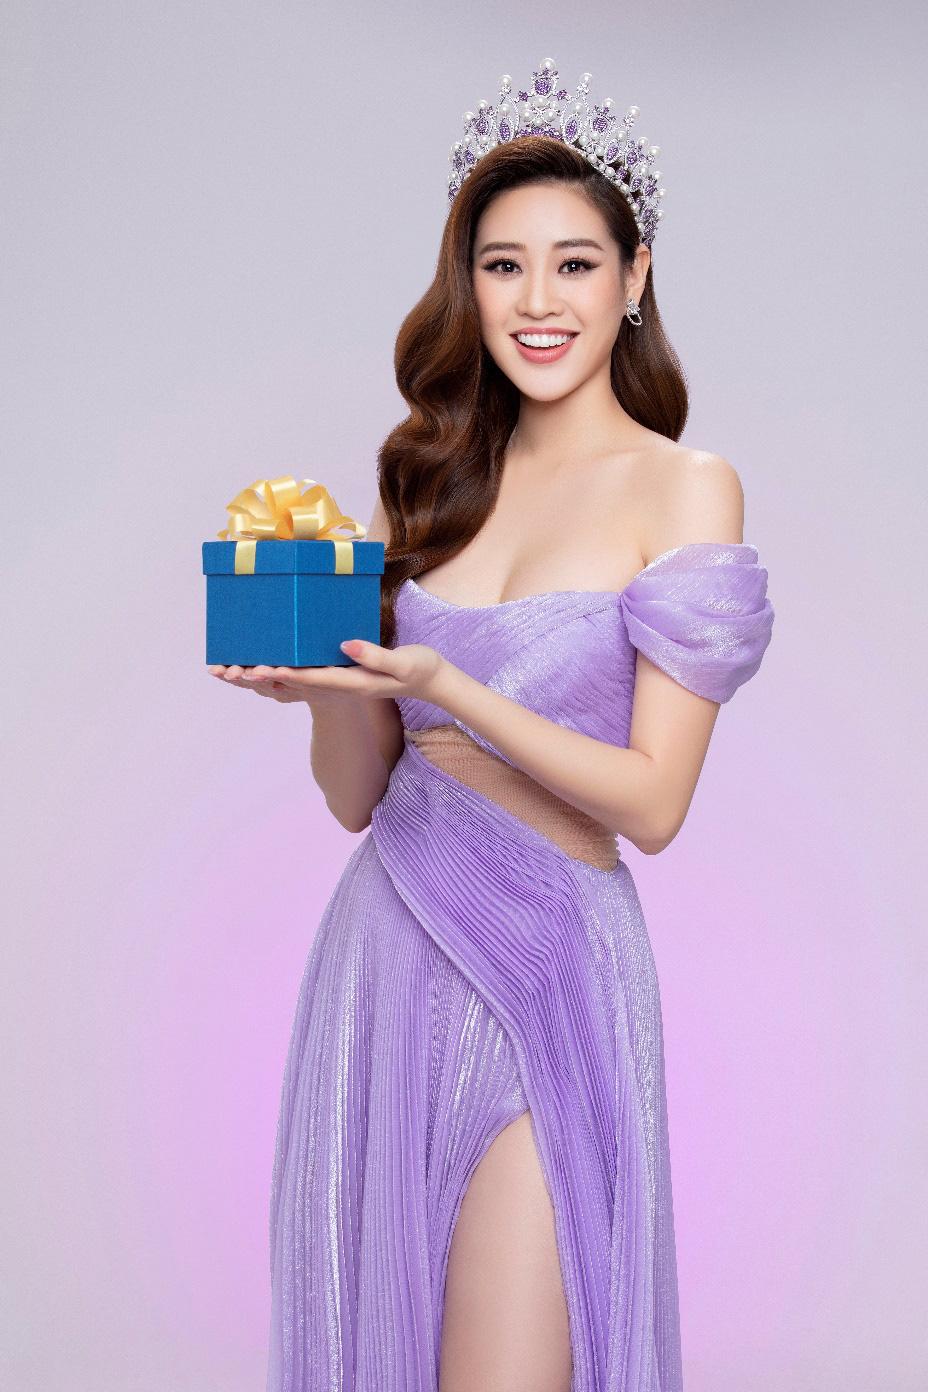 """Hoa hậu Khánh Vân sau 1 năm đăng quang: Nhan sắc thăng hạng, sẵn sàng để """"chinh chiến"""" Miss Universe 2020 - Ảnh 2."""